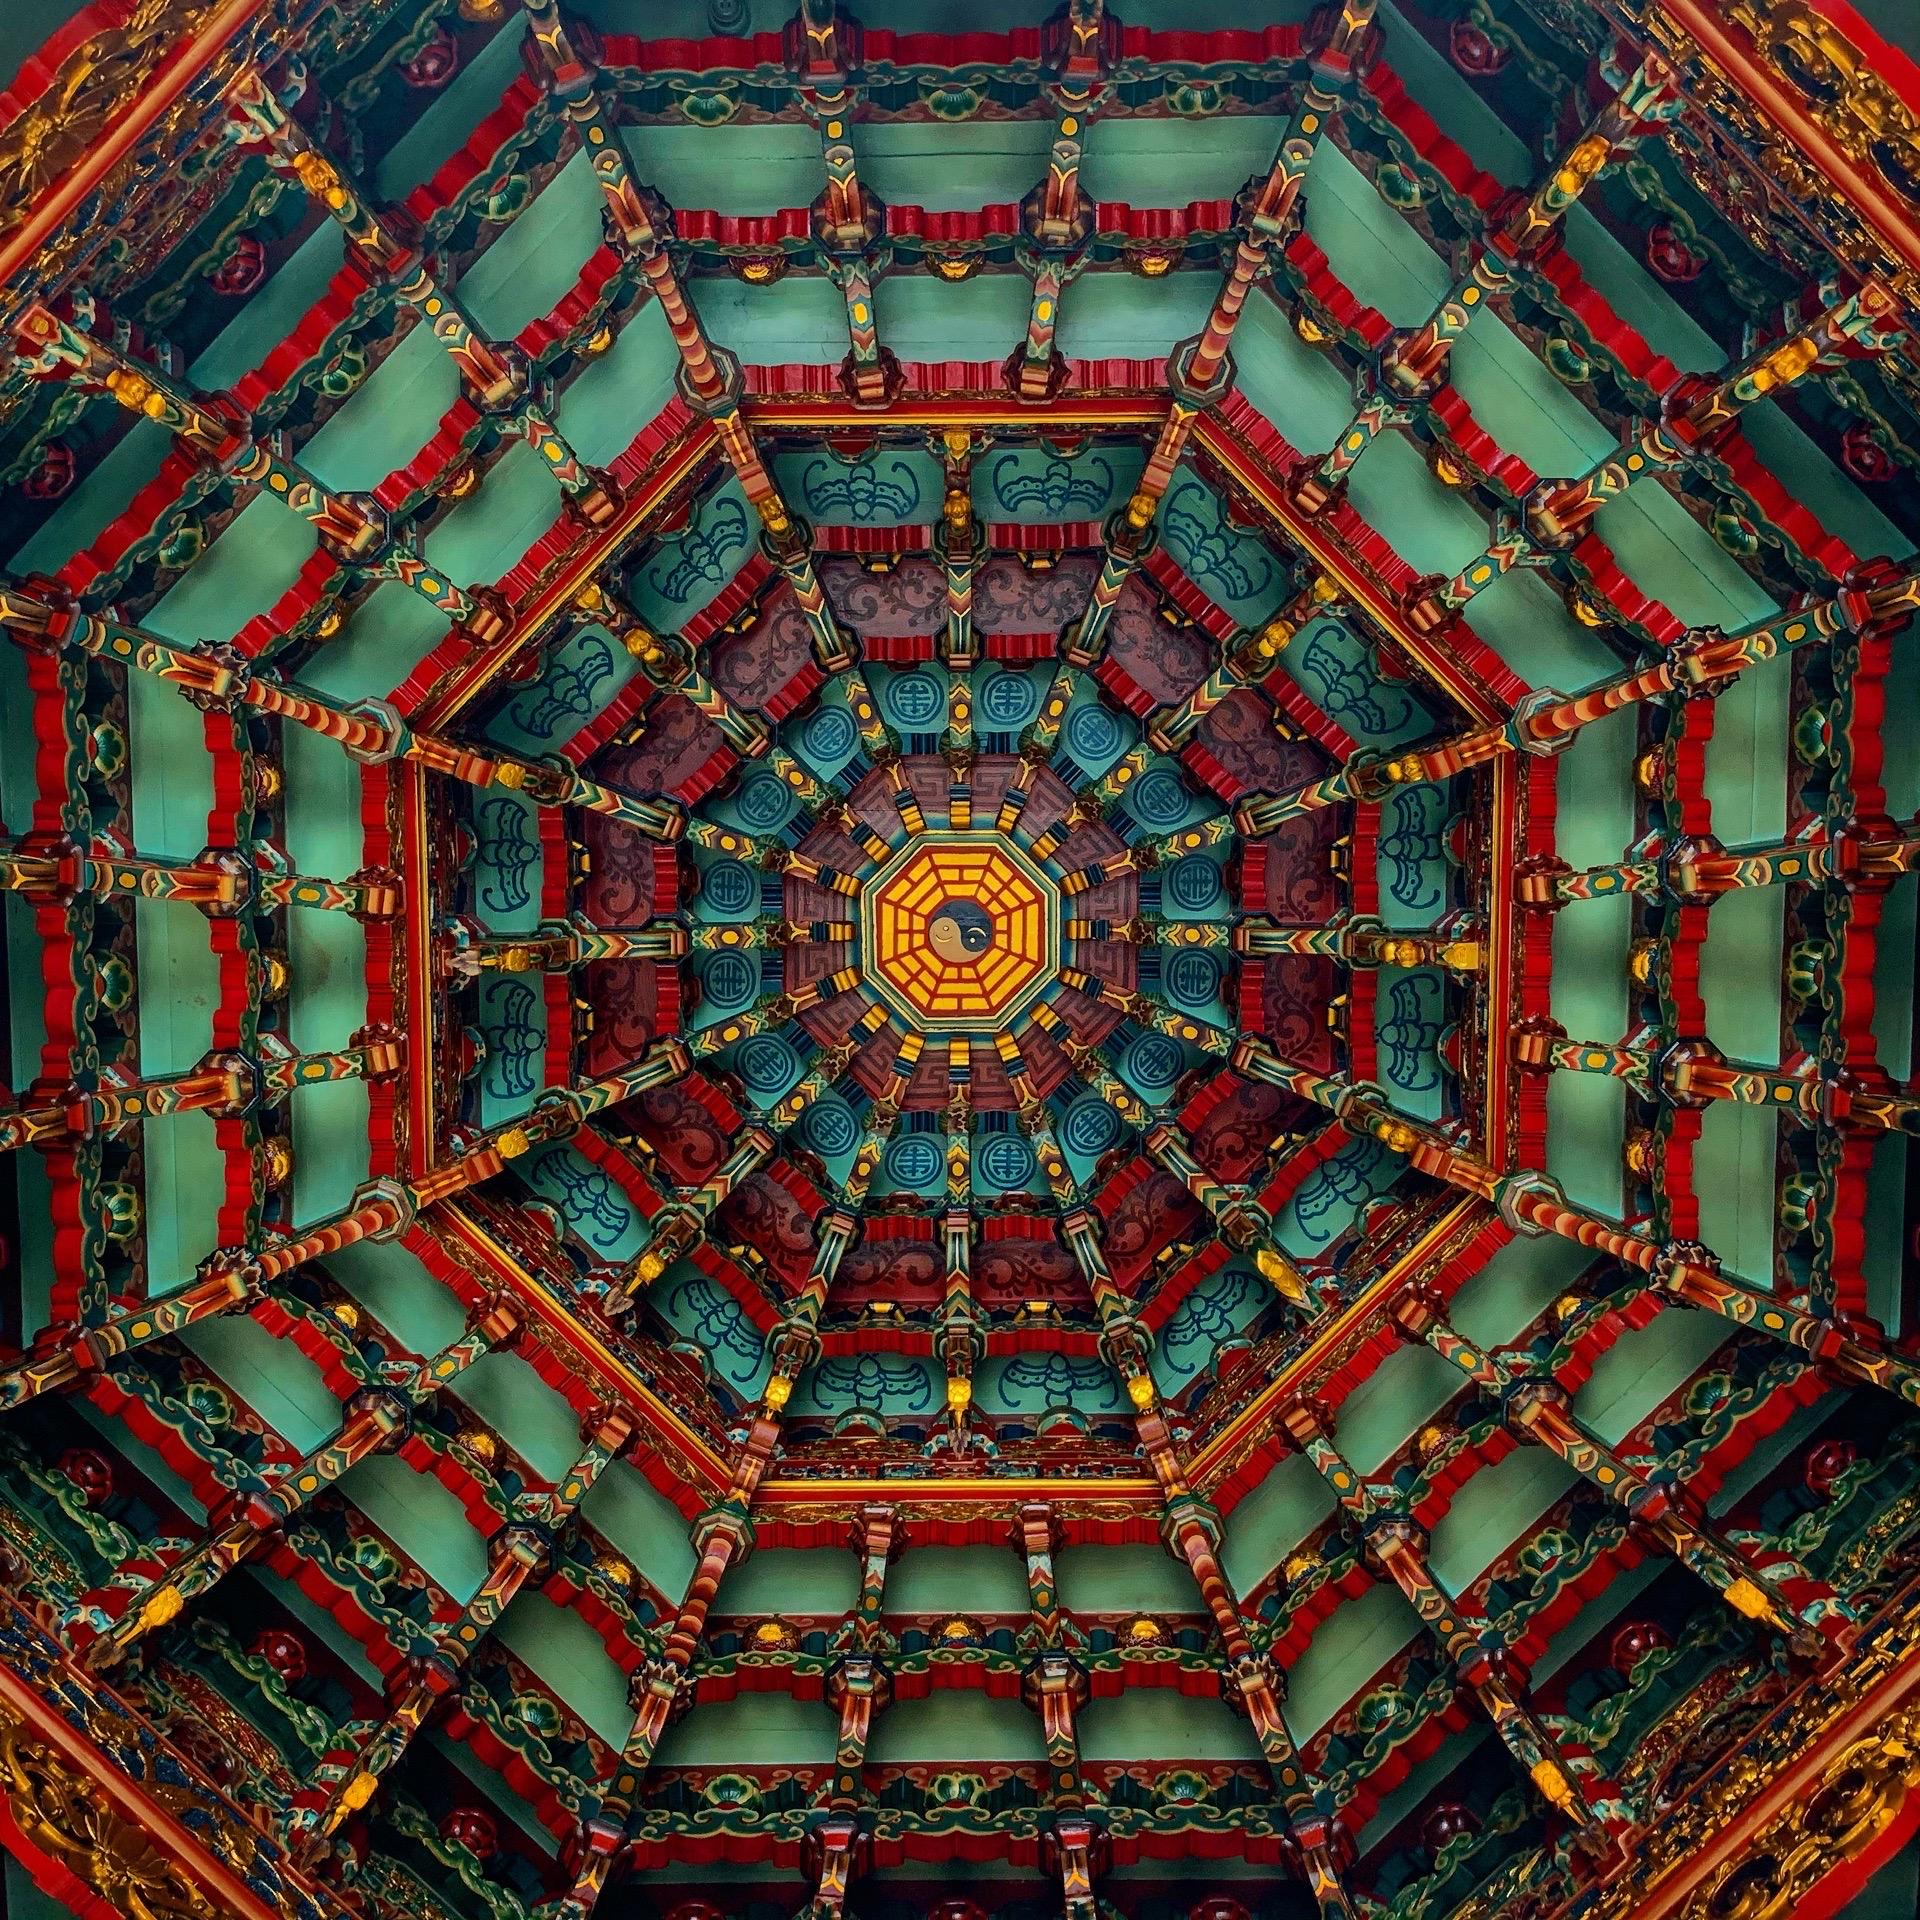 Hsinchu City God Temple